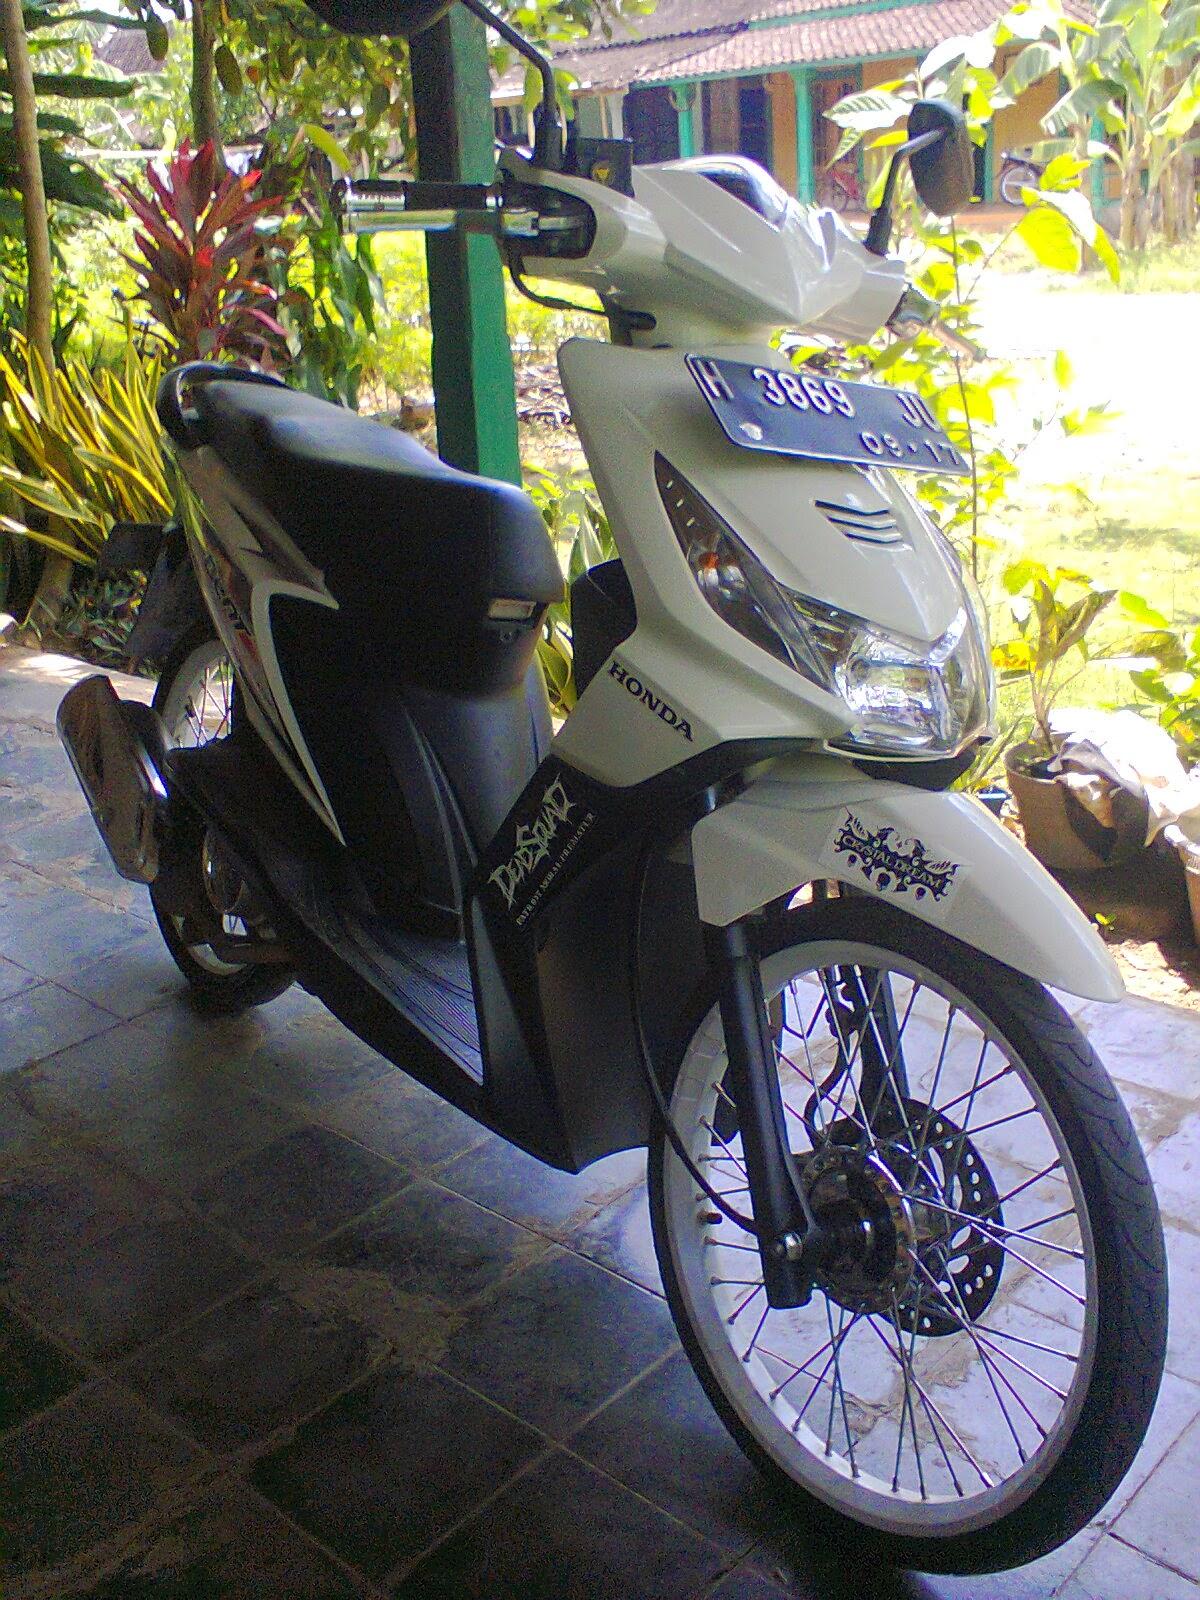 Modif Honda Beat Keluaran Terbaru New Street Esp White Salatiga Koleksi Foto Modifikasi Motor Baru Gubuk